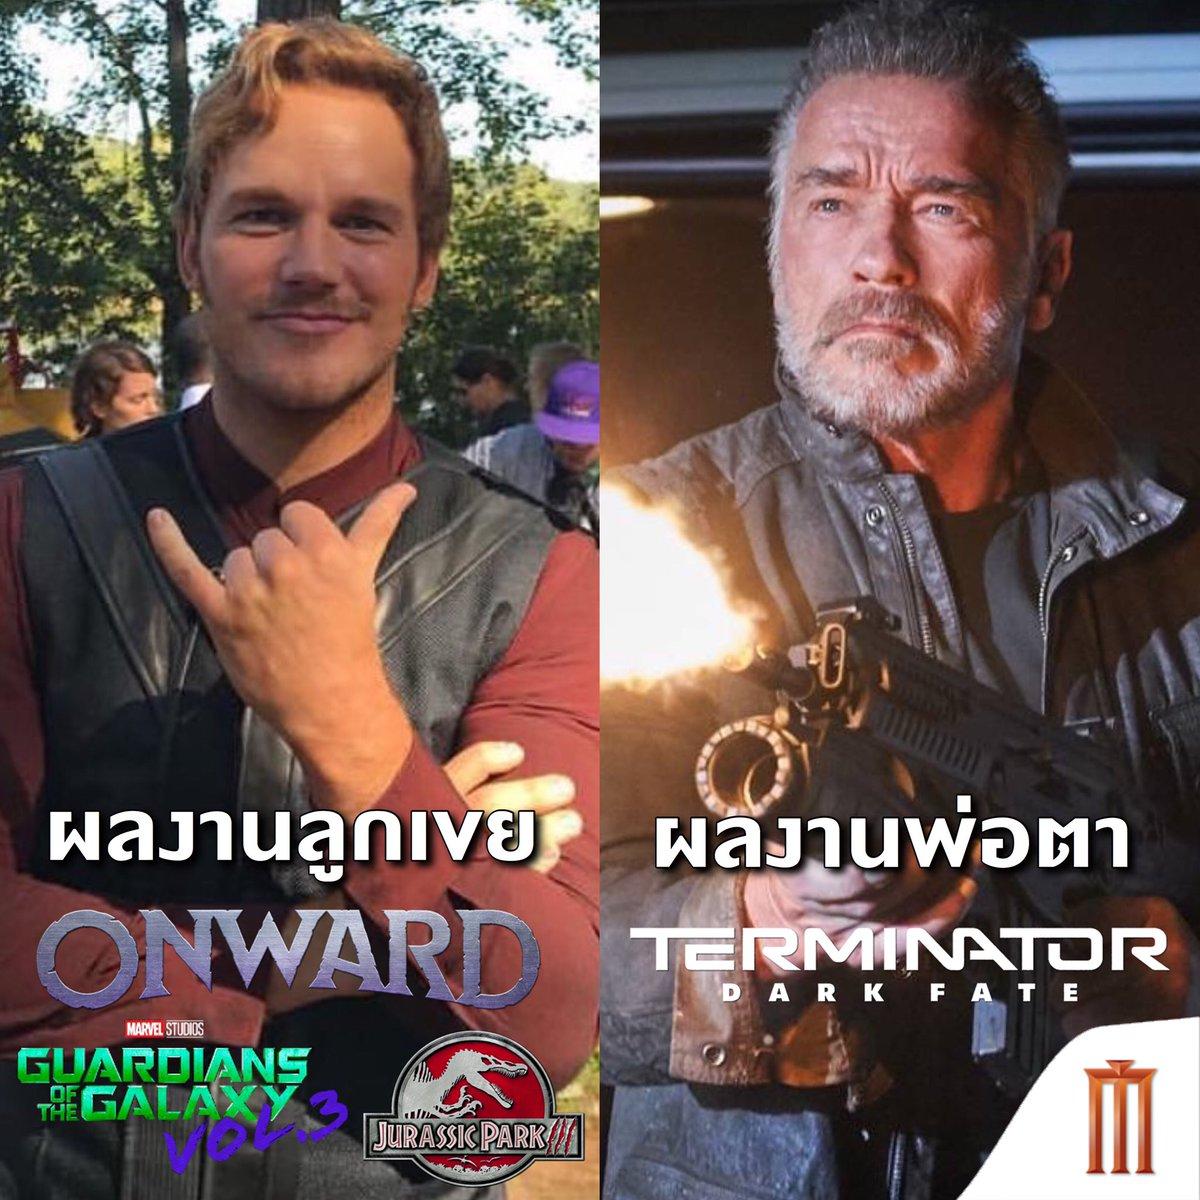 """รอดูผลงานหนังของลูกเขยและพ่อตา! """"คริส แพรตต์"""" ใน #PixarOnward 5 มีนาคม 2020 #GuardiansoftheGalaxyVol3 และ #JurassicWorld3 ปี 2021 """"อาร์โนลด์ ชวาสเซเนเกอร์"""" ปีนี้กับ #TerminatorDarkFate """"เทอร์มิเนเตอร์ วิกฤตชะตาโลก เข้าฉาย 23 ตุลาคมนี้ที่ เมเจอร์ ซีนีเพล็กซ์"""